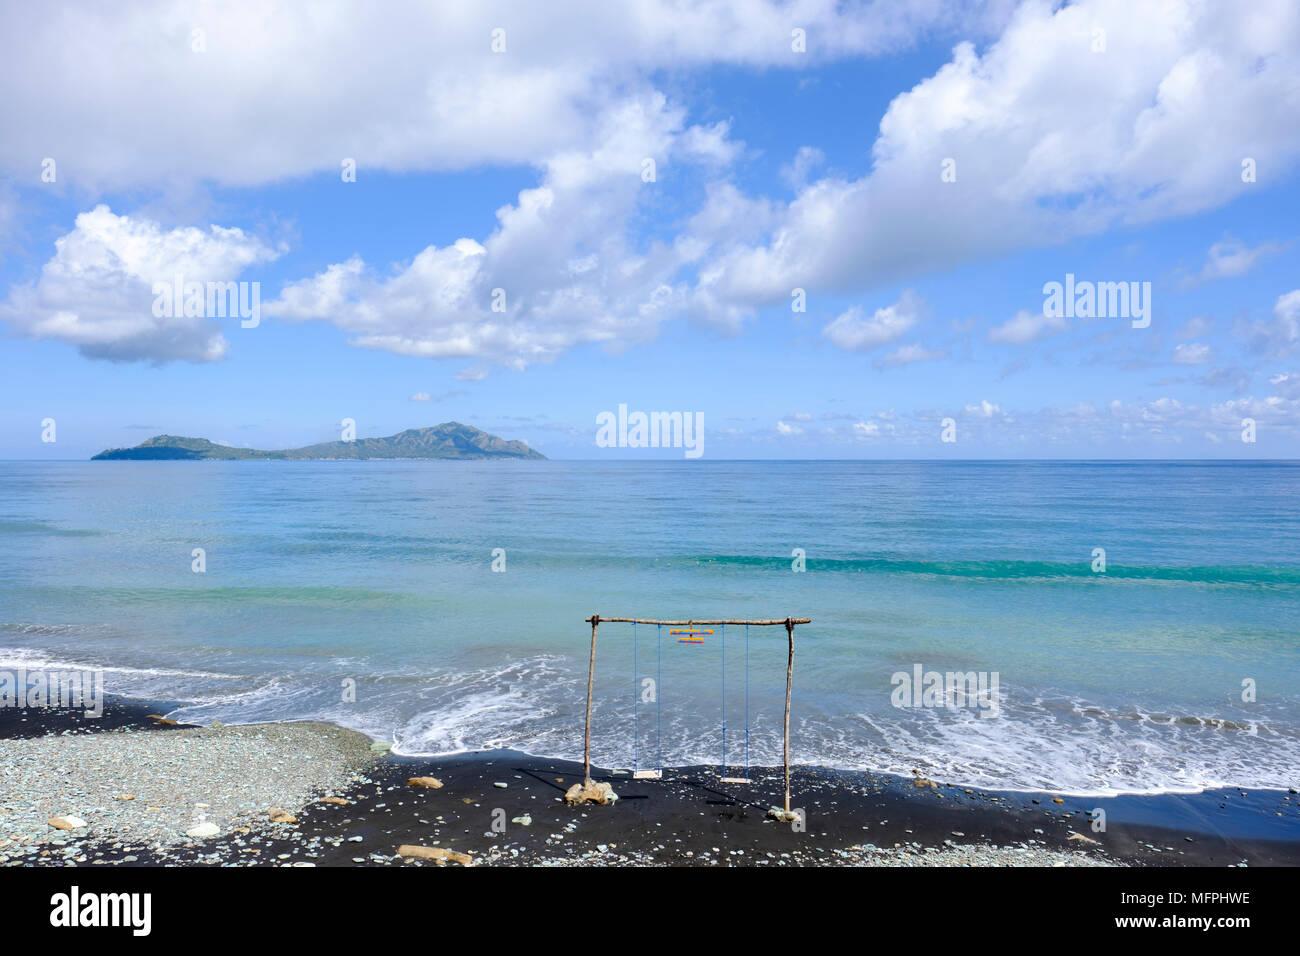 Blue Stone Beach (Pantai Penggajawa), Ende Regency, Flores Island, Indonesia. - Stock Image